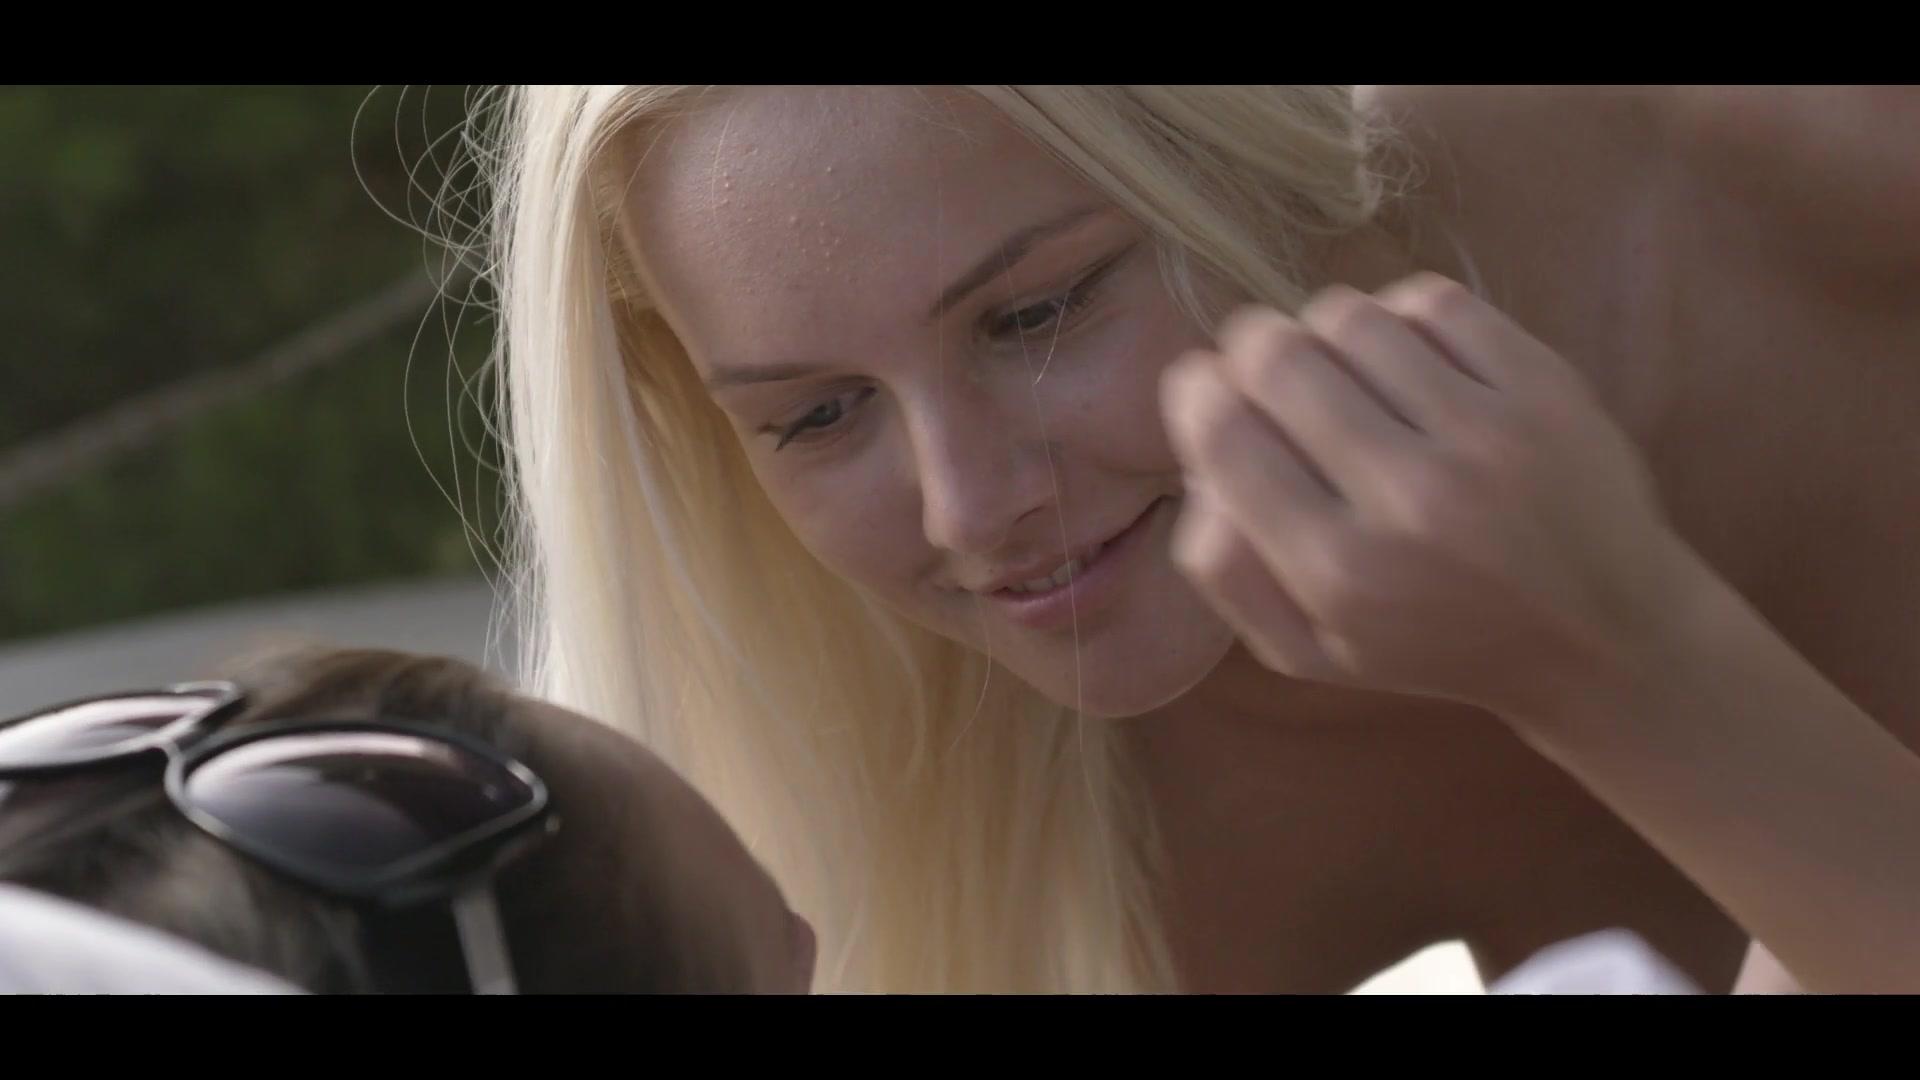 Лесбиянки видео в хорошем качестве hd вам